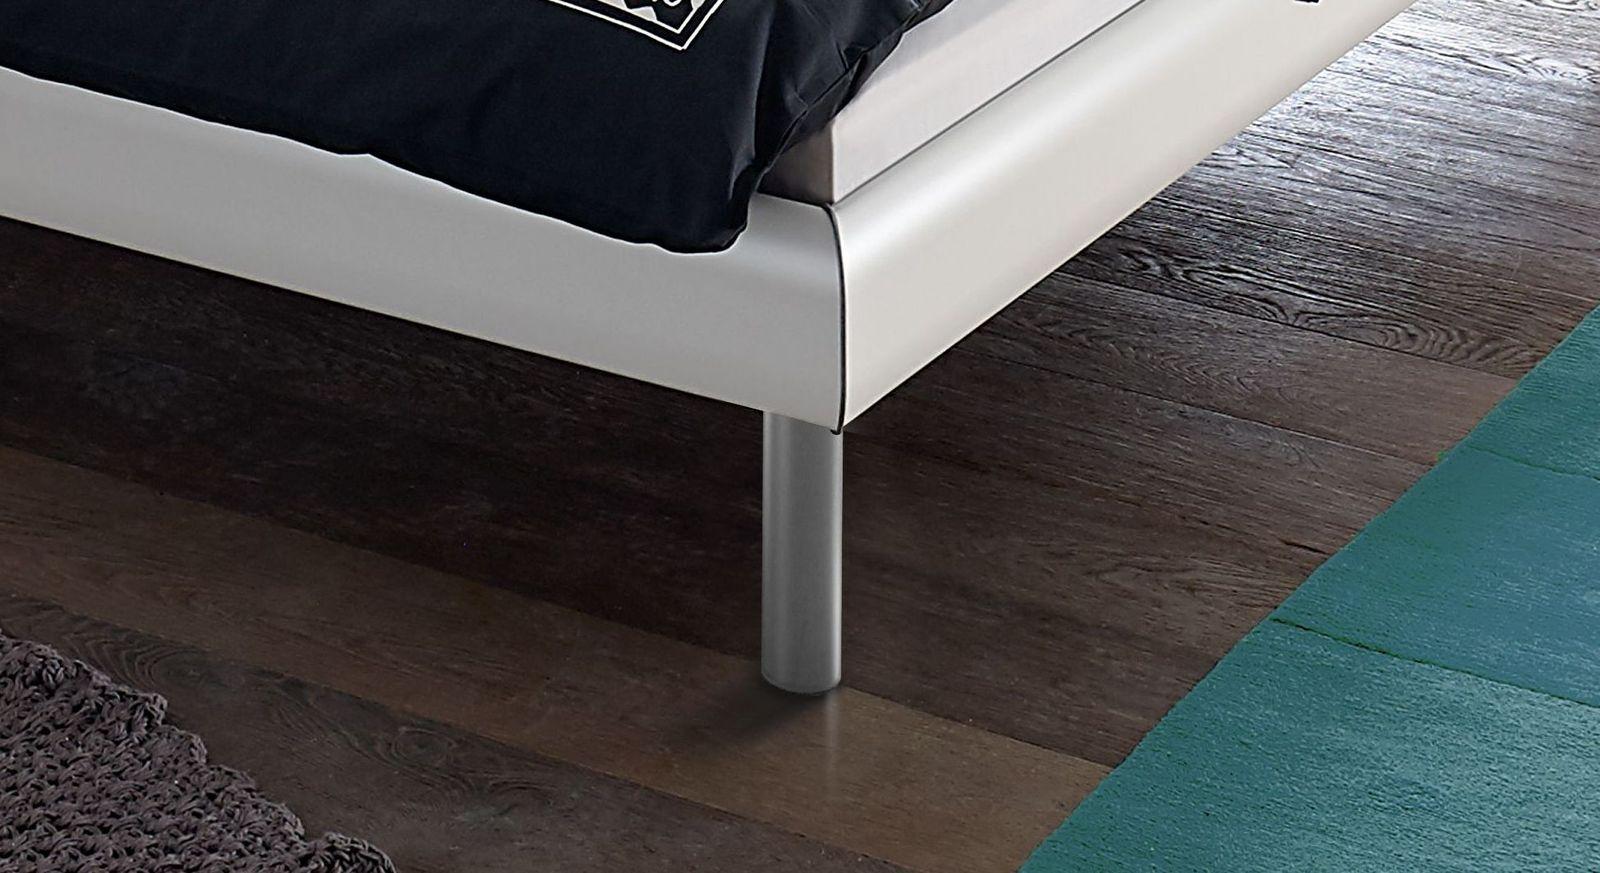 Bett Trentino mit runden alufarbenen Bettbeinen